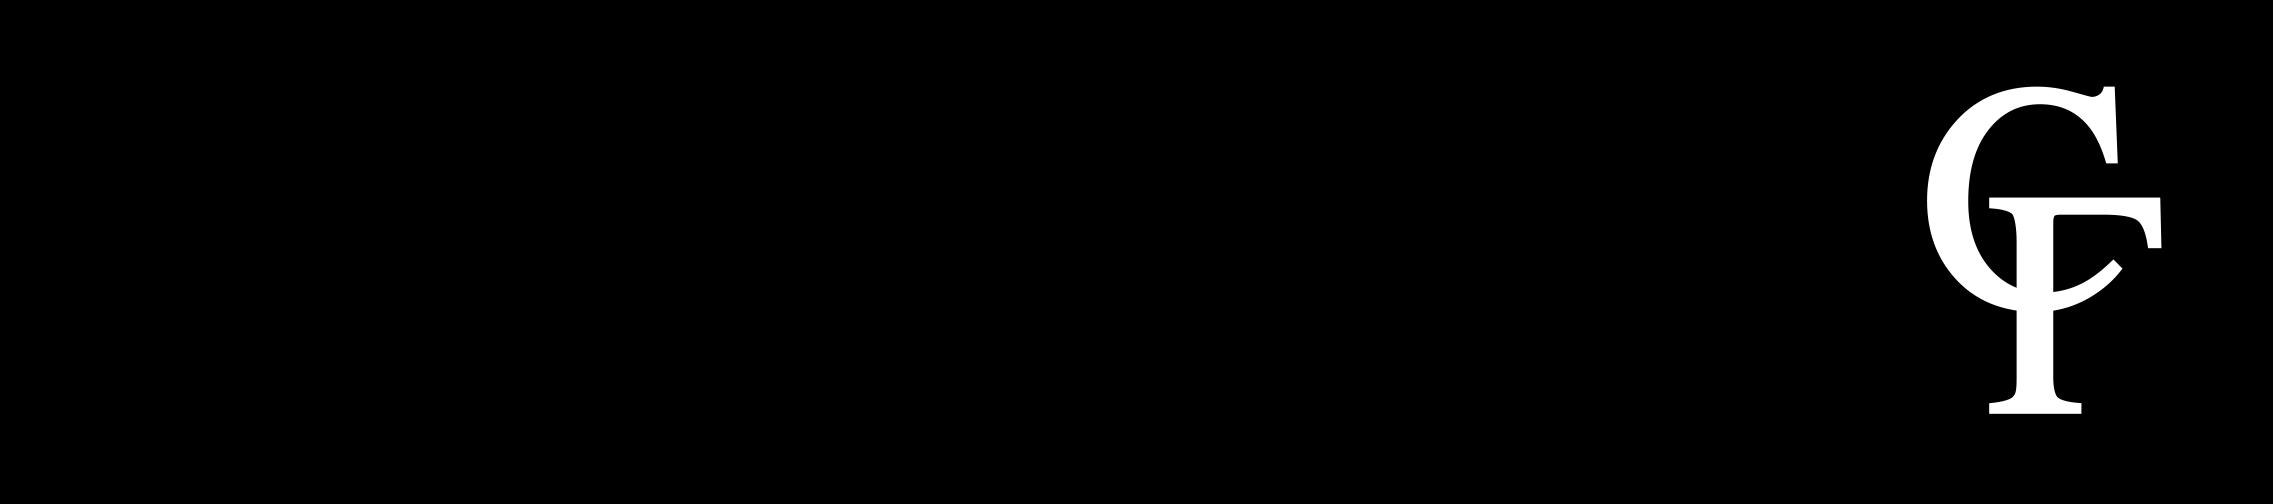 """פרויקט הקמת מבנה מסחר, משרדים וחניה תת קרקעית רח' פריימן יעקב 5, ראשל""""צ"""